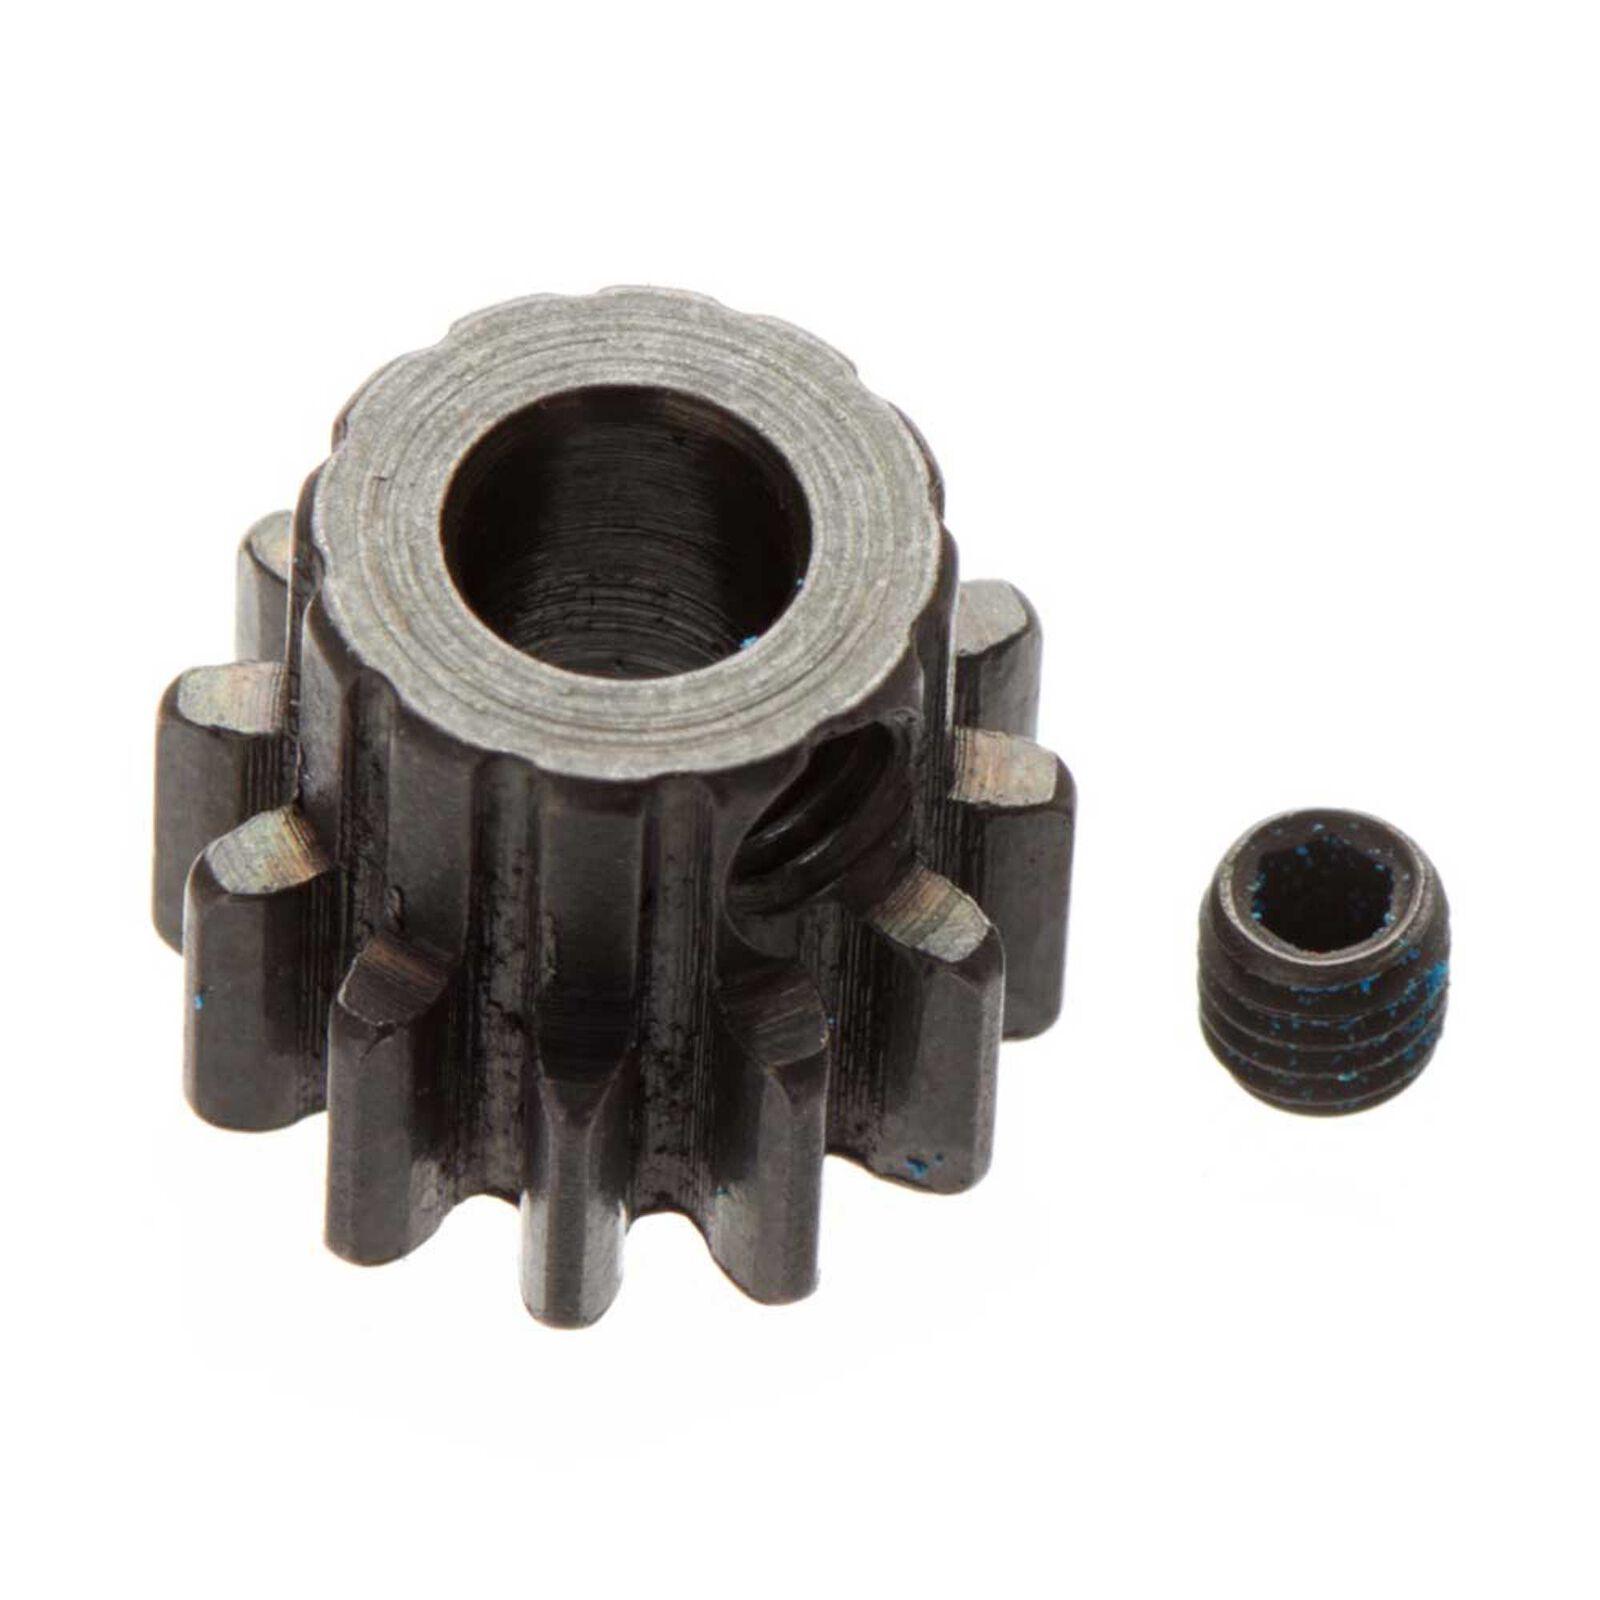 Steel Pinion Gear 12T Mod1 5mm